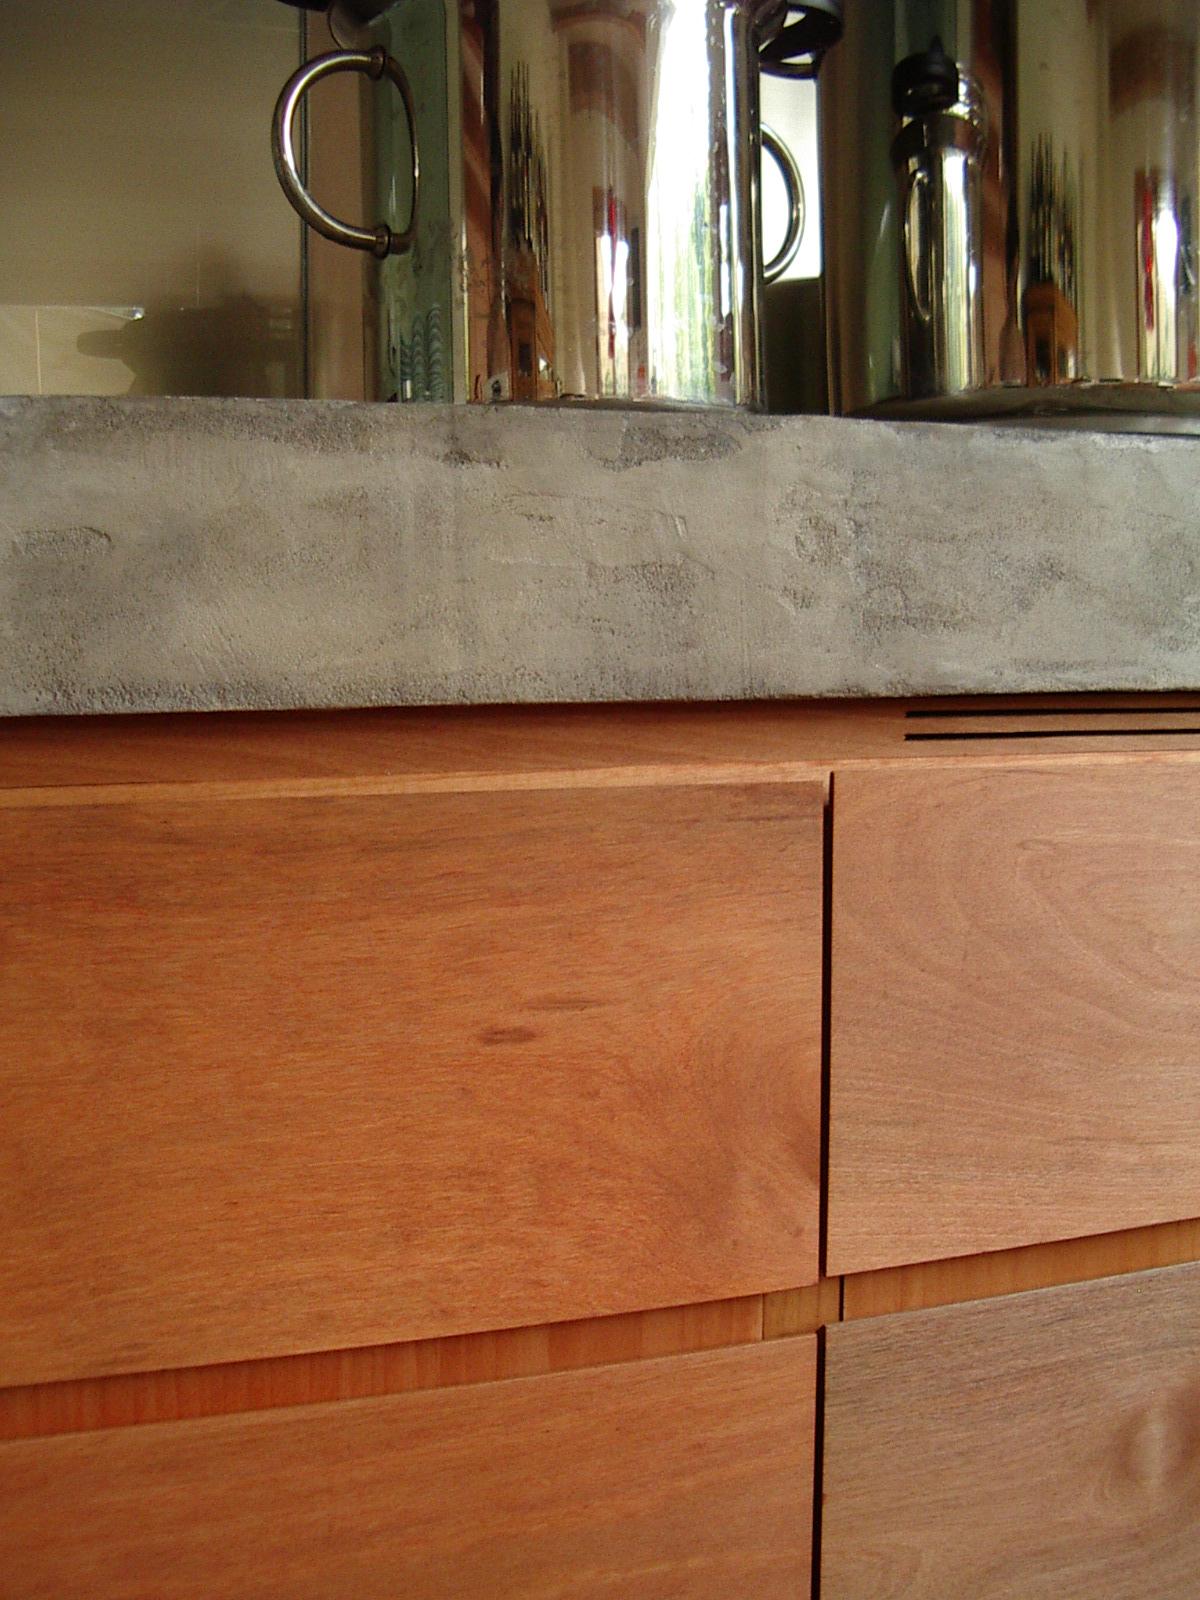 Bancone cucina miko design - Bagno in cemento resinato ...